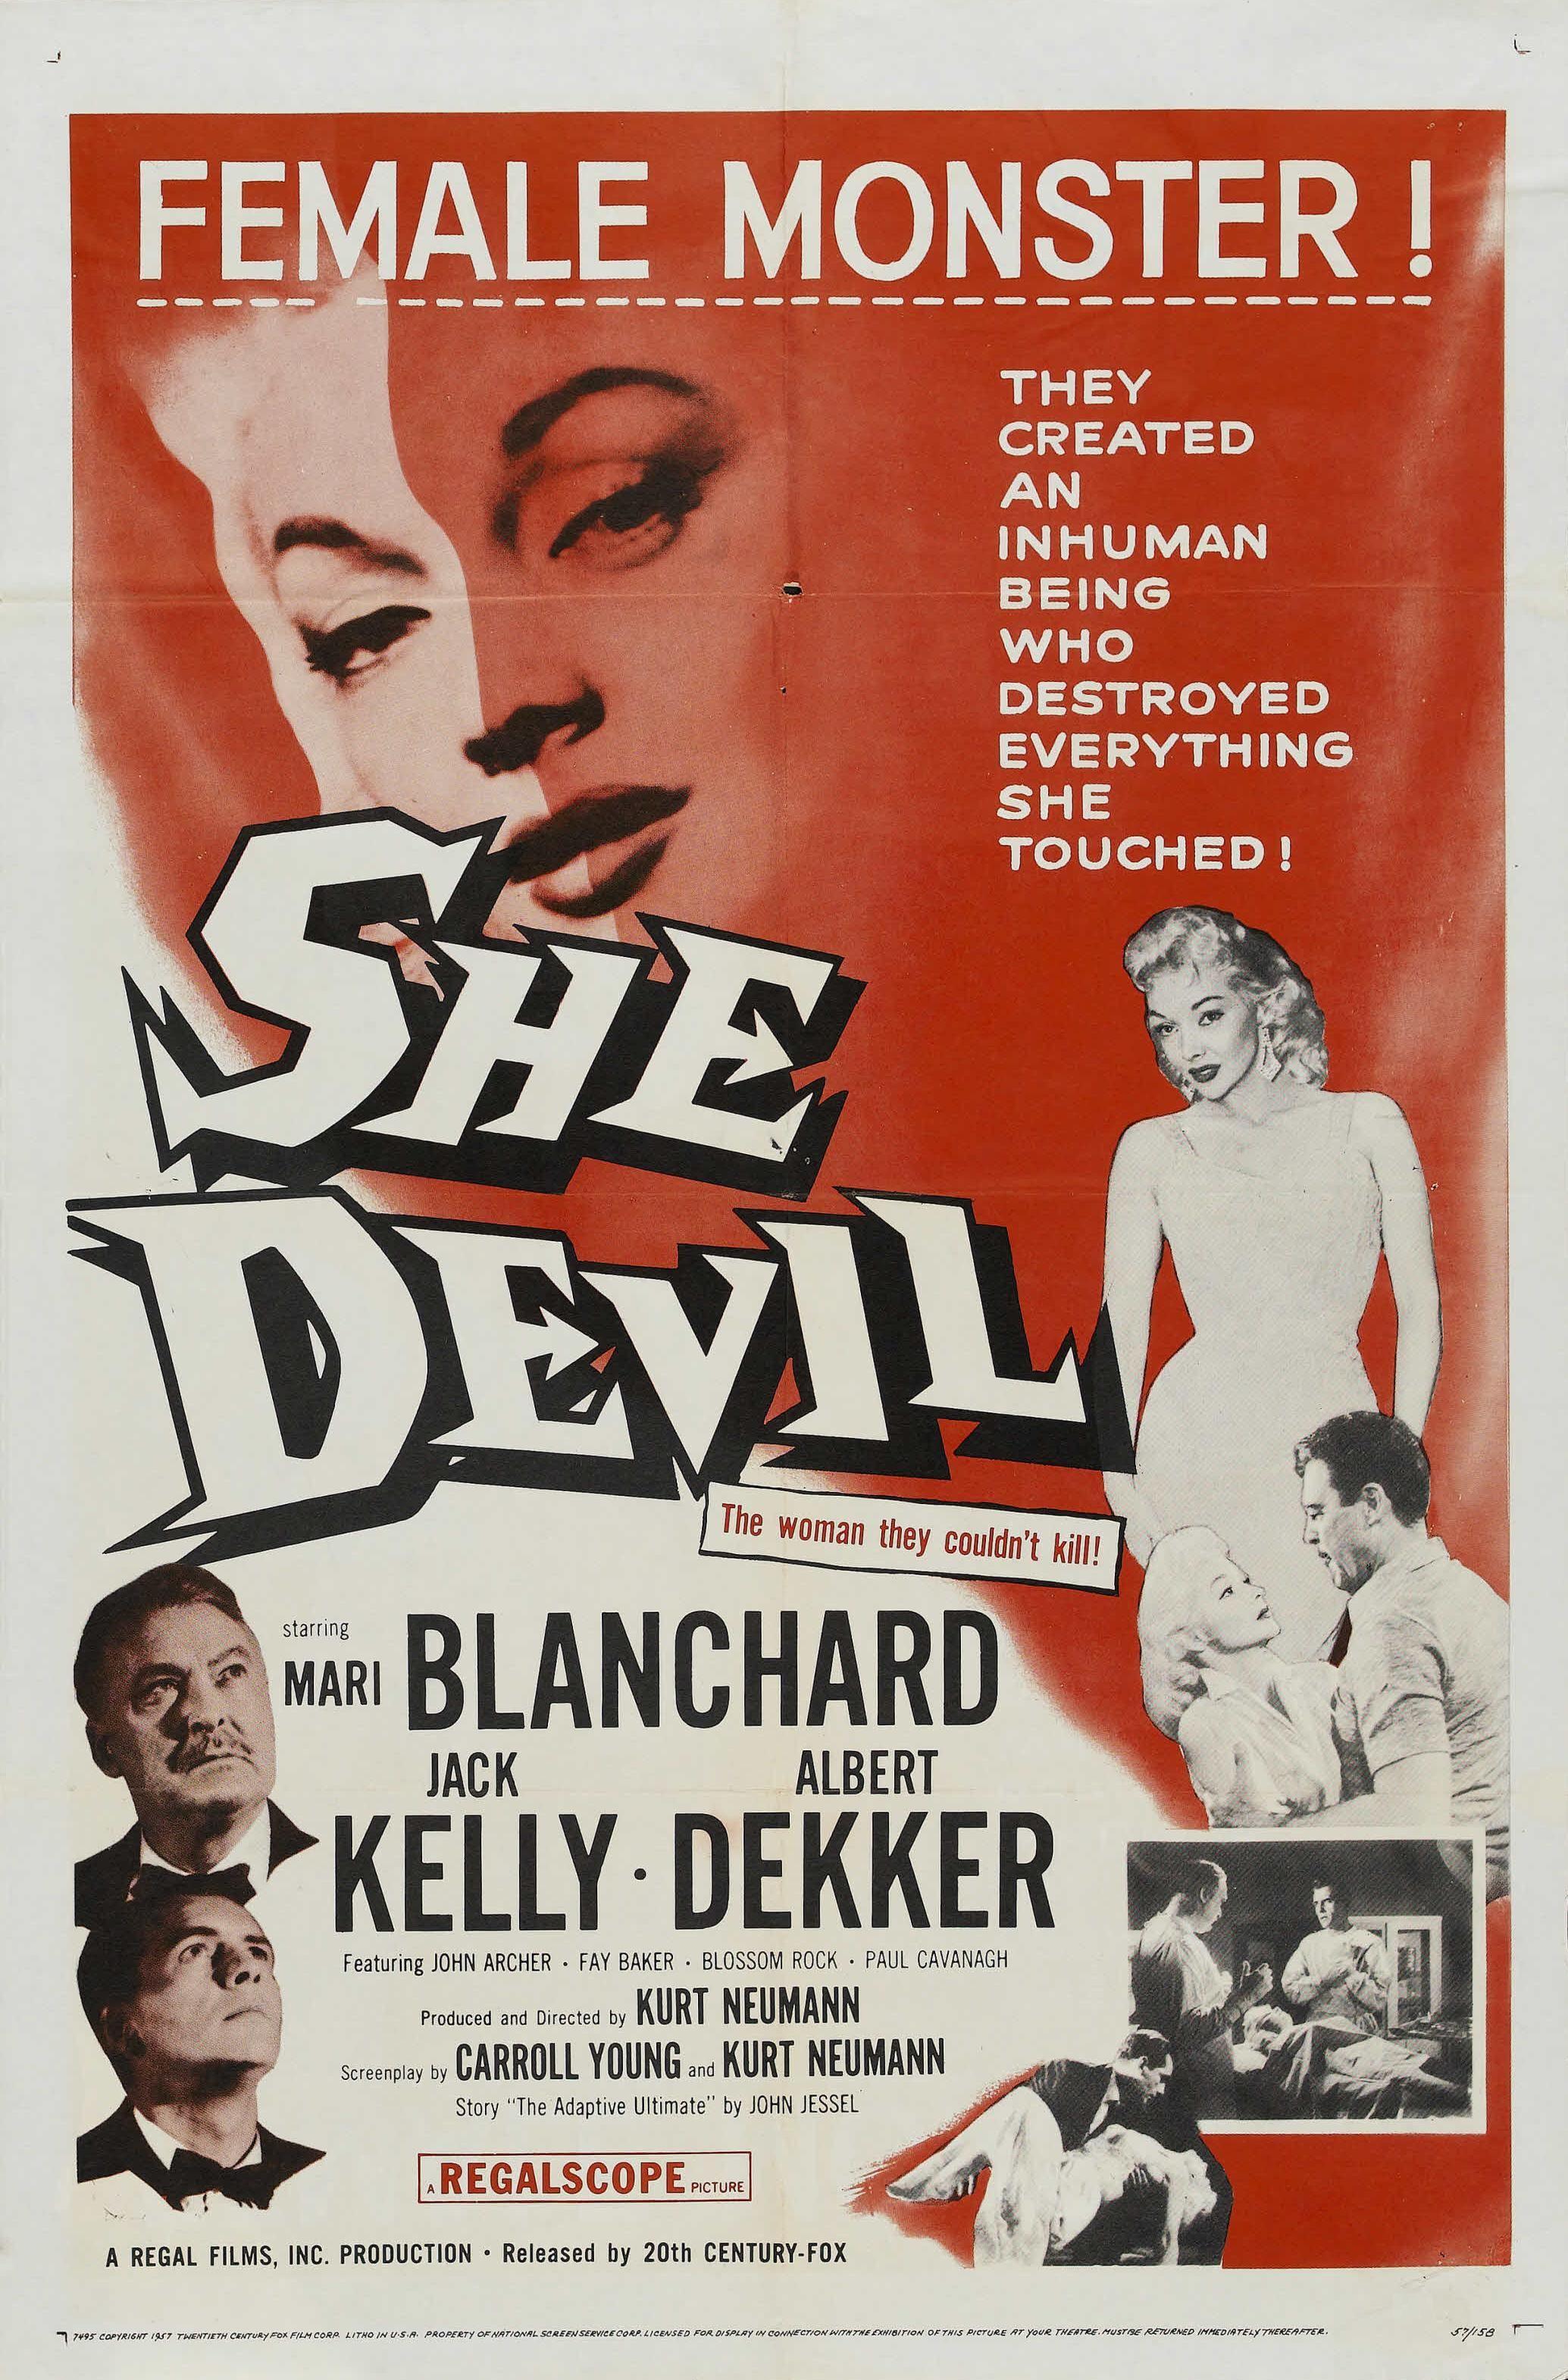 She-Devil - Part of the goofy 50's monster movie craze.